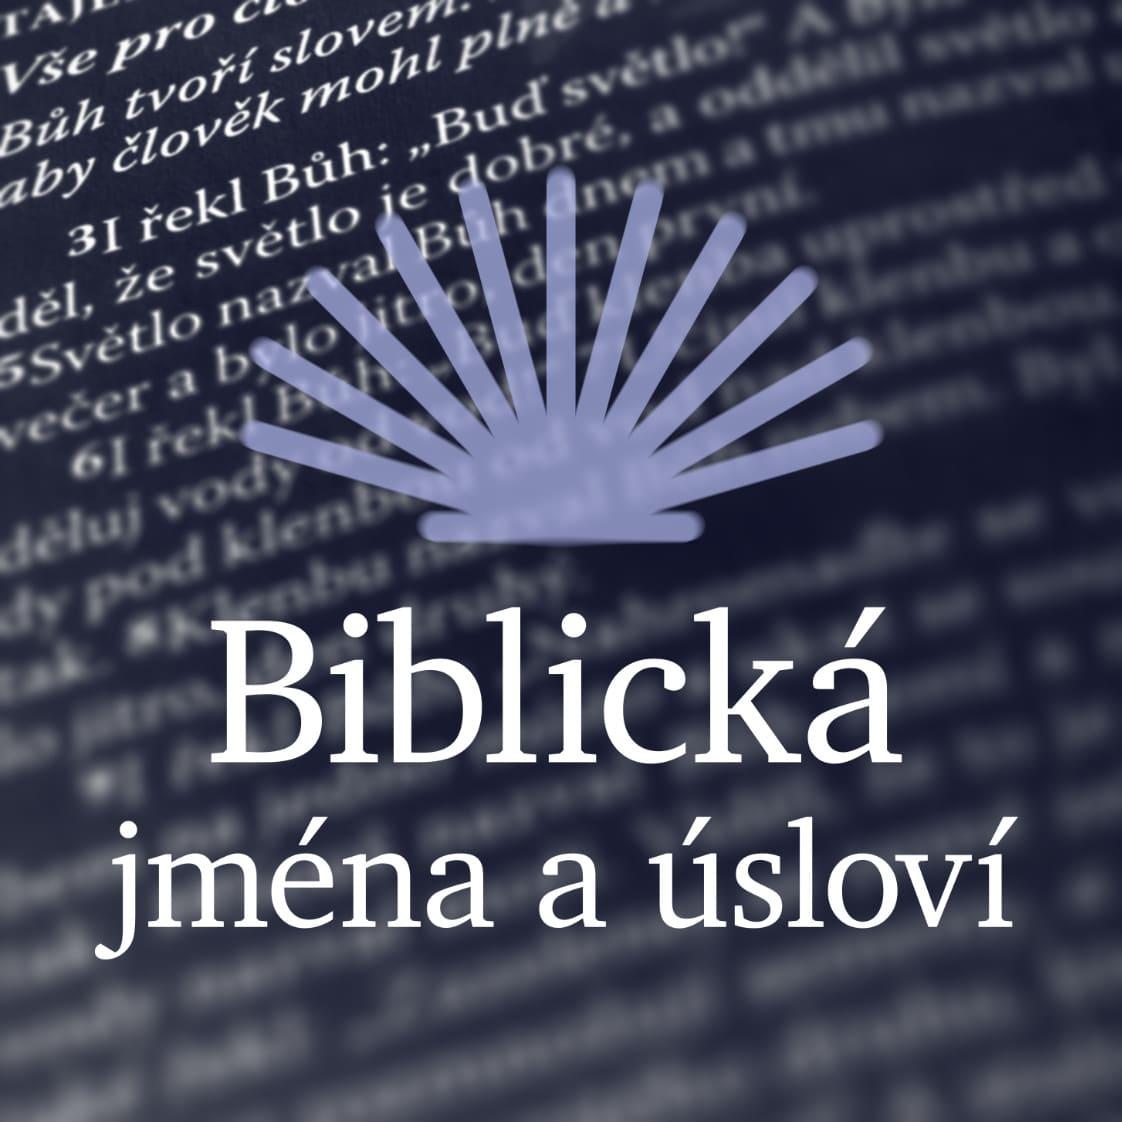 Biblická jména a úsloví –podcast